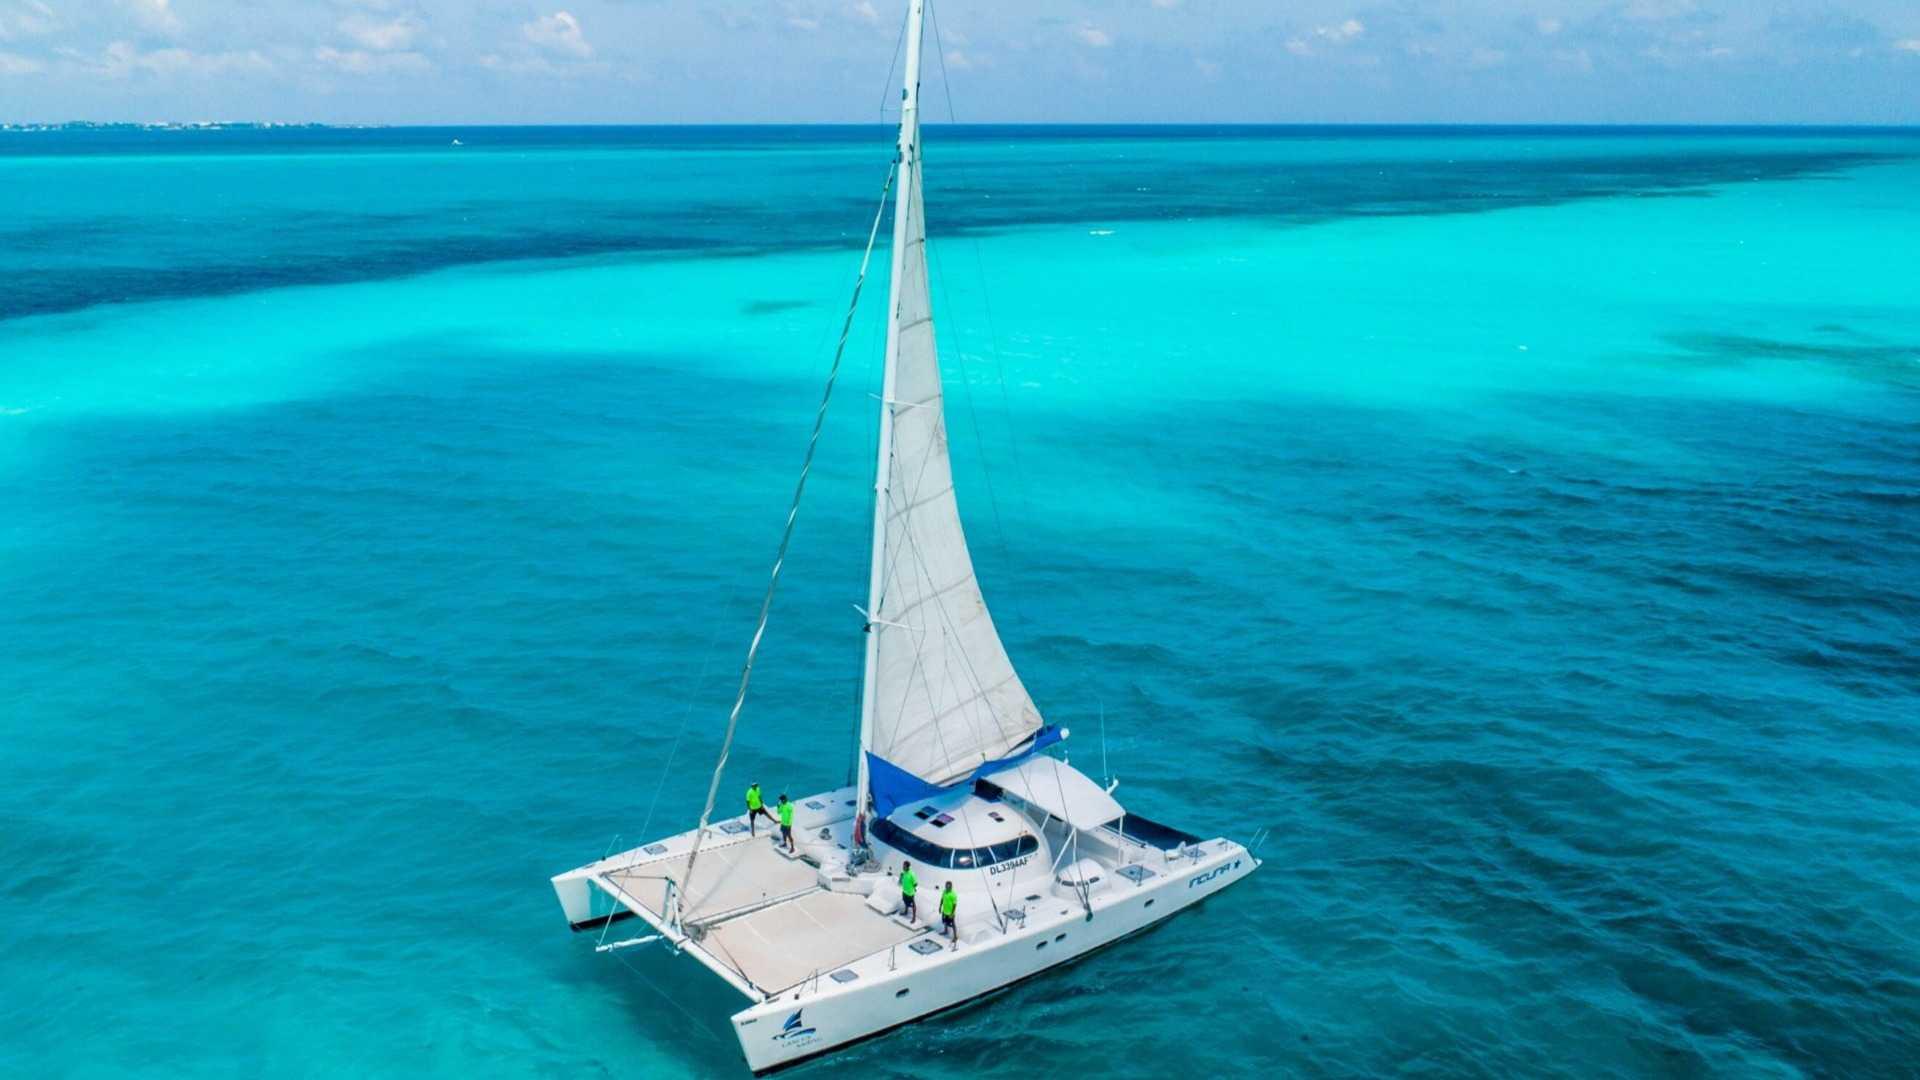 8 - LoRes - Induna - Isla Mujeres Catamaran Tour - Cancun Sailing